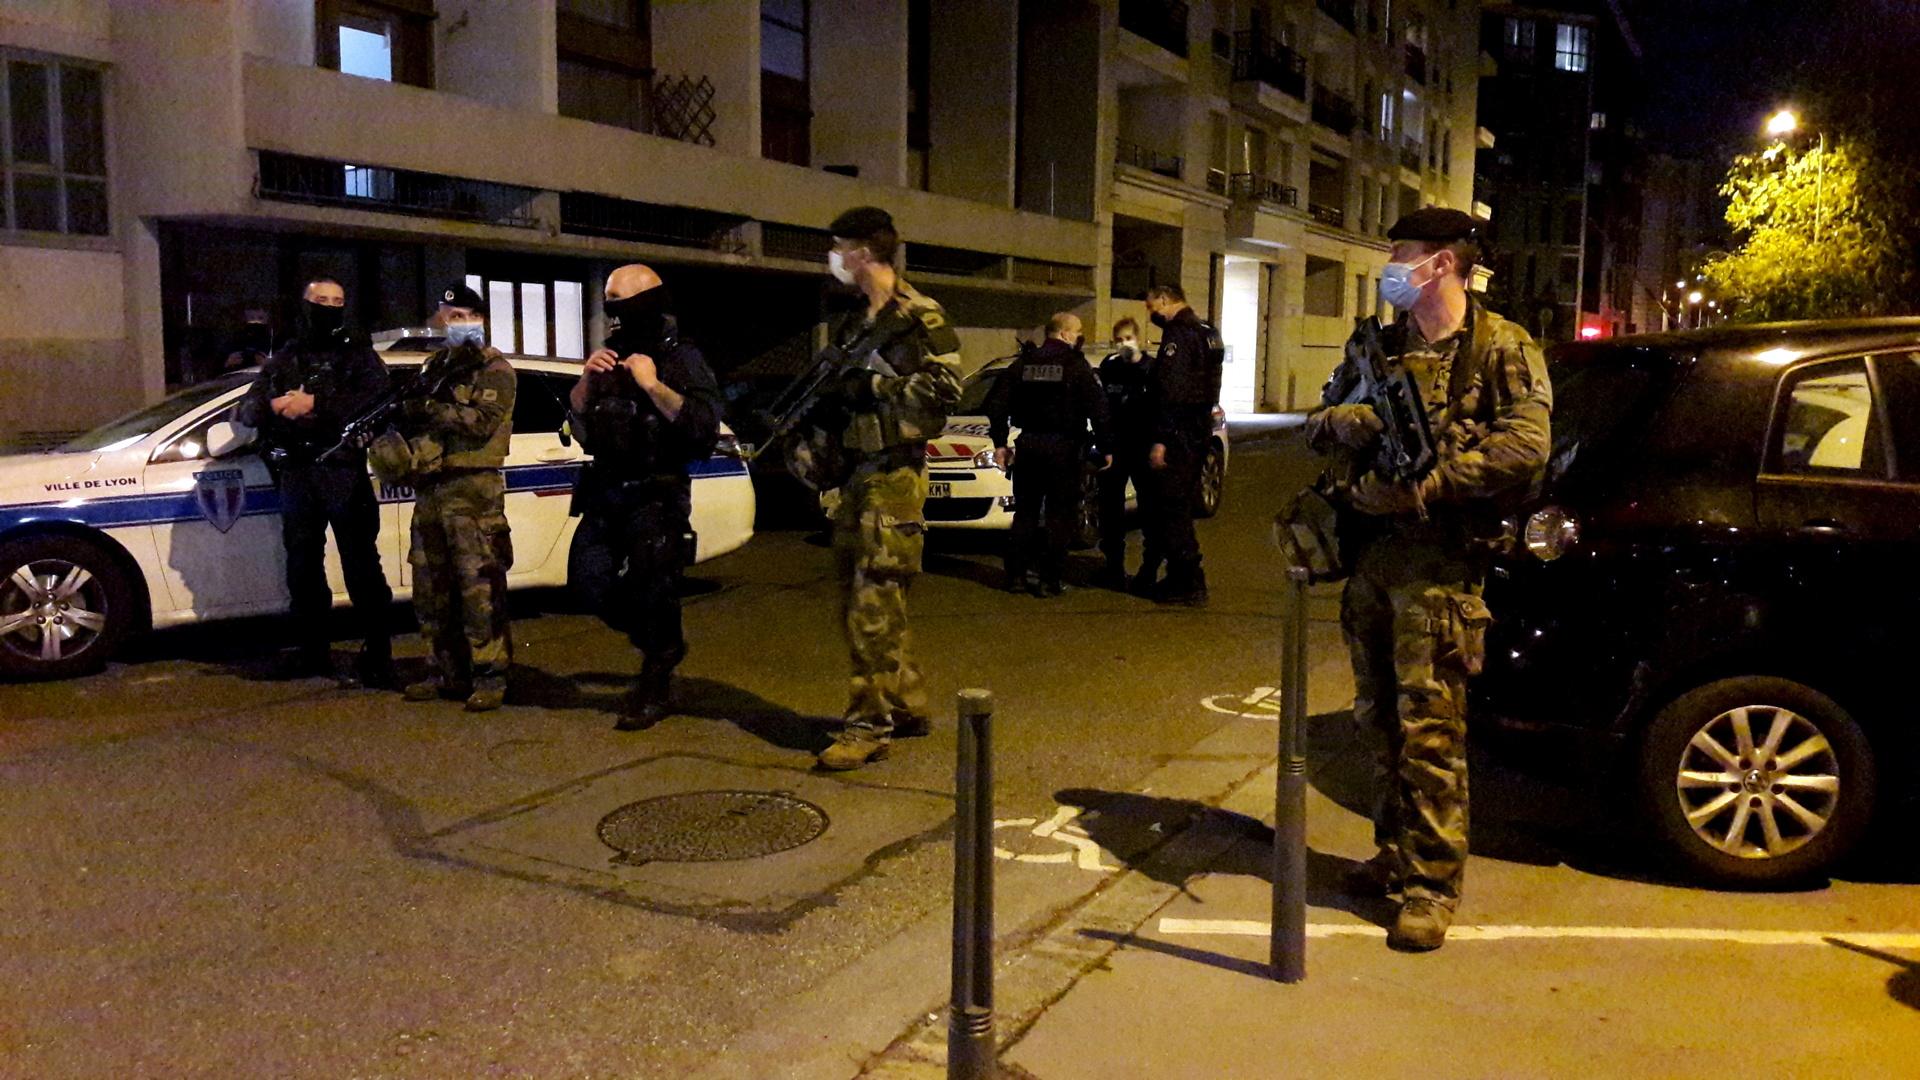 السلطات الفرنسية: احتجاز مشتبه فيه بتنفيذ الهجوم على كاهن في ليون